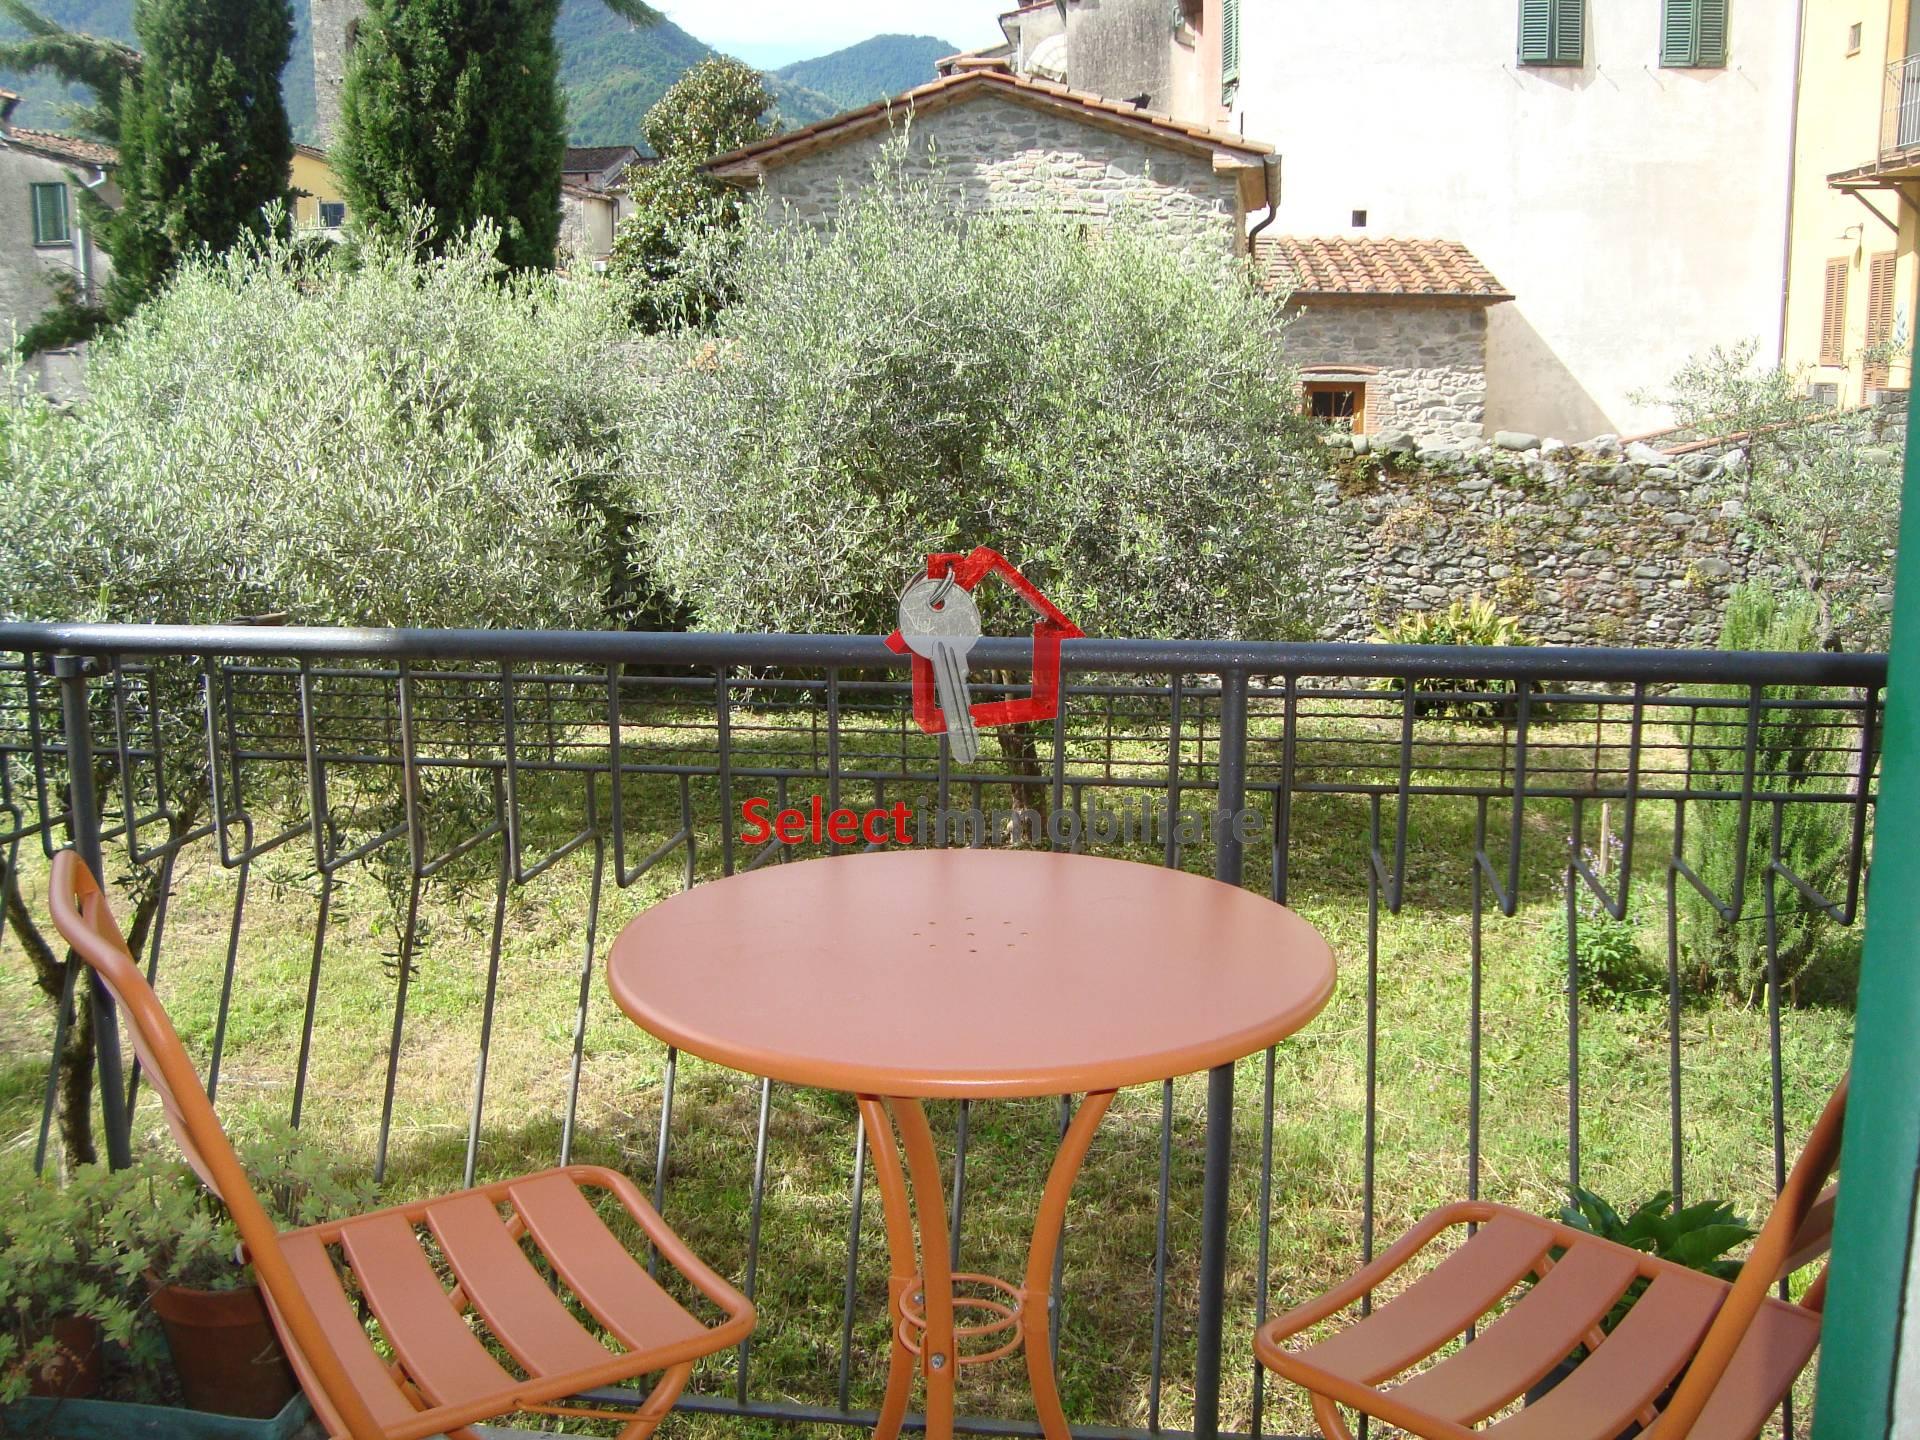 Appartamento in vendita a Borgo a Mozzano, 5 locali, zona Località: capoluogo, prezzo € 129.000 | Cambio Casa.it